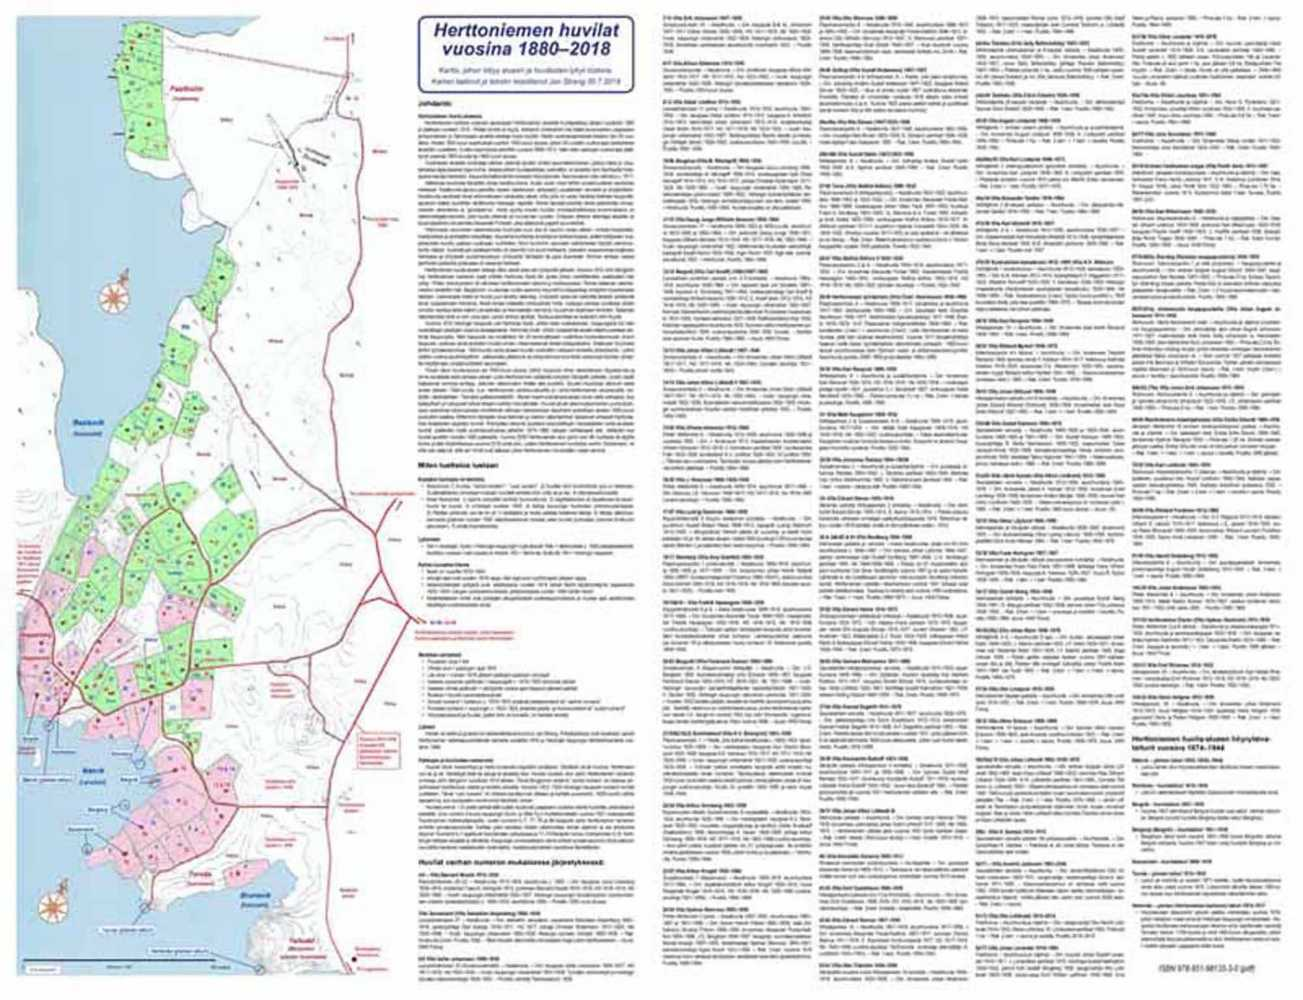 Strang, Jan. Herttoniemen huvila-alue 1880-2018 - kartta ja lyhyt historia